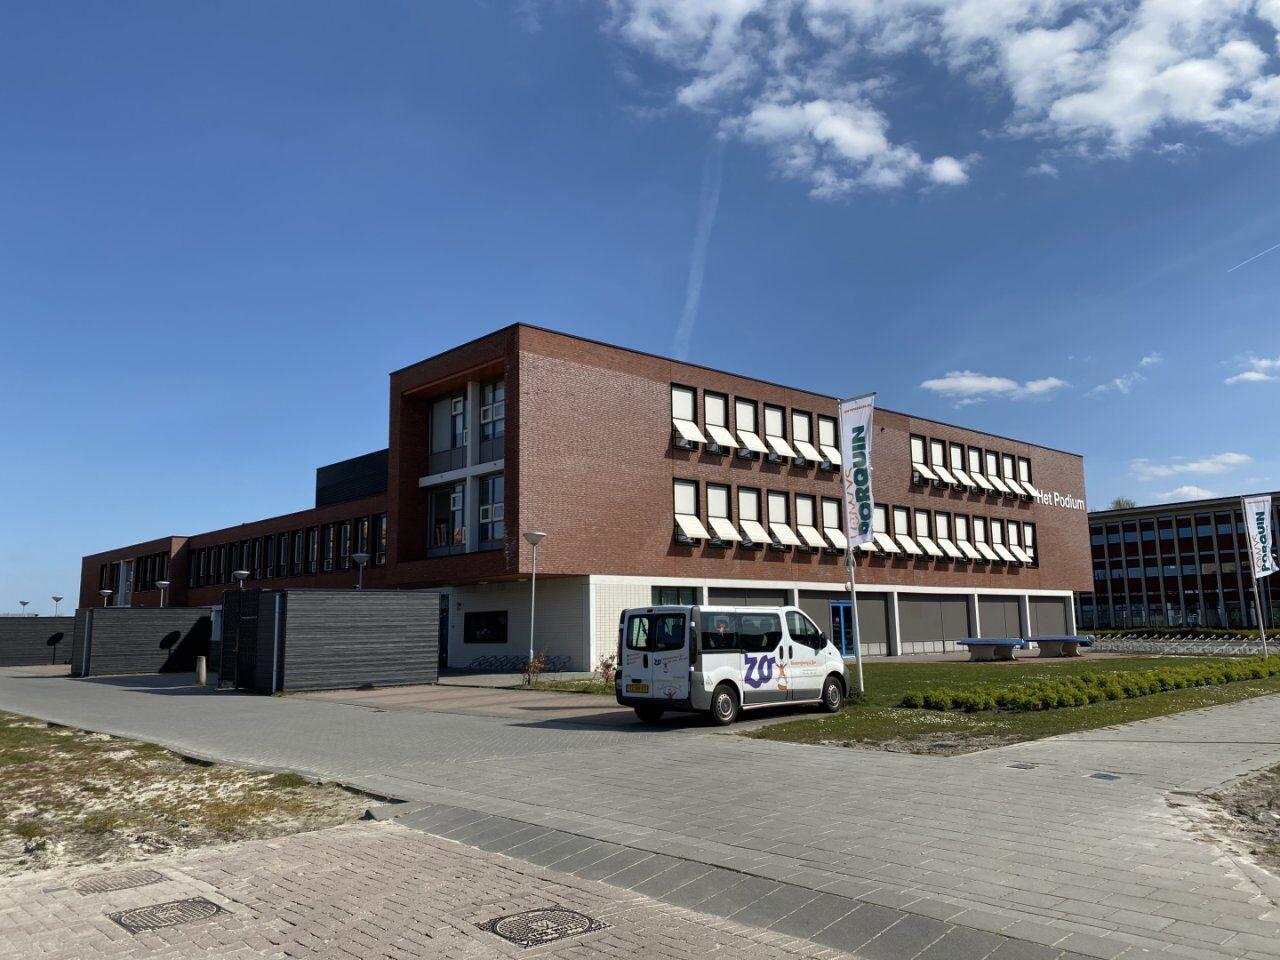 b635-waterlinie_9-steenbergen-1514952256